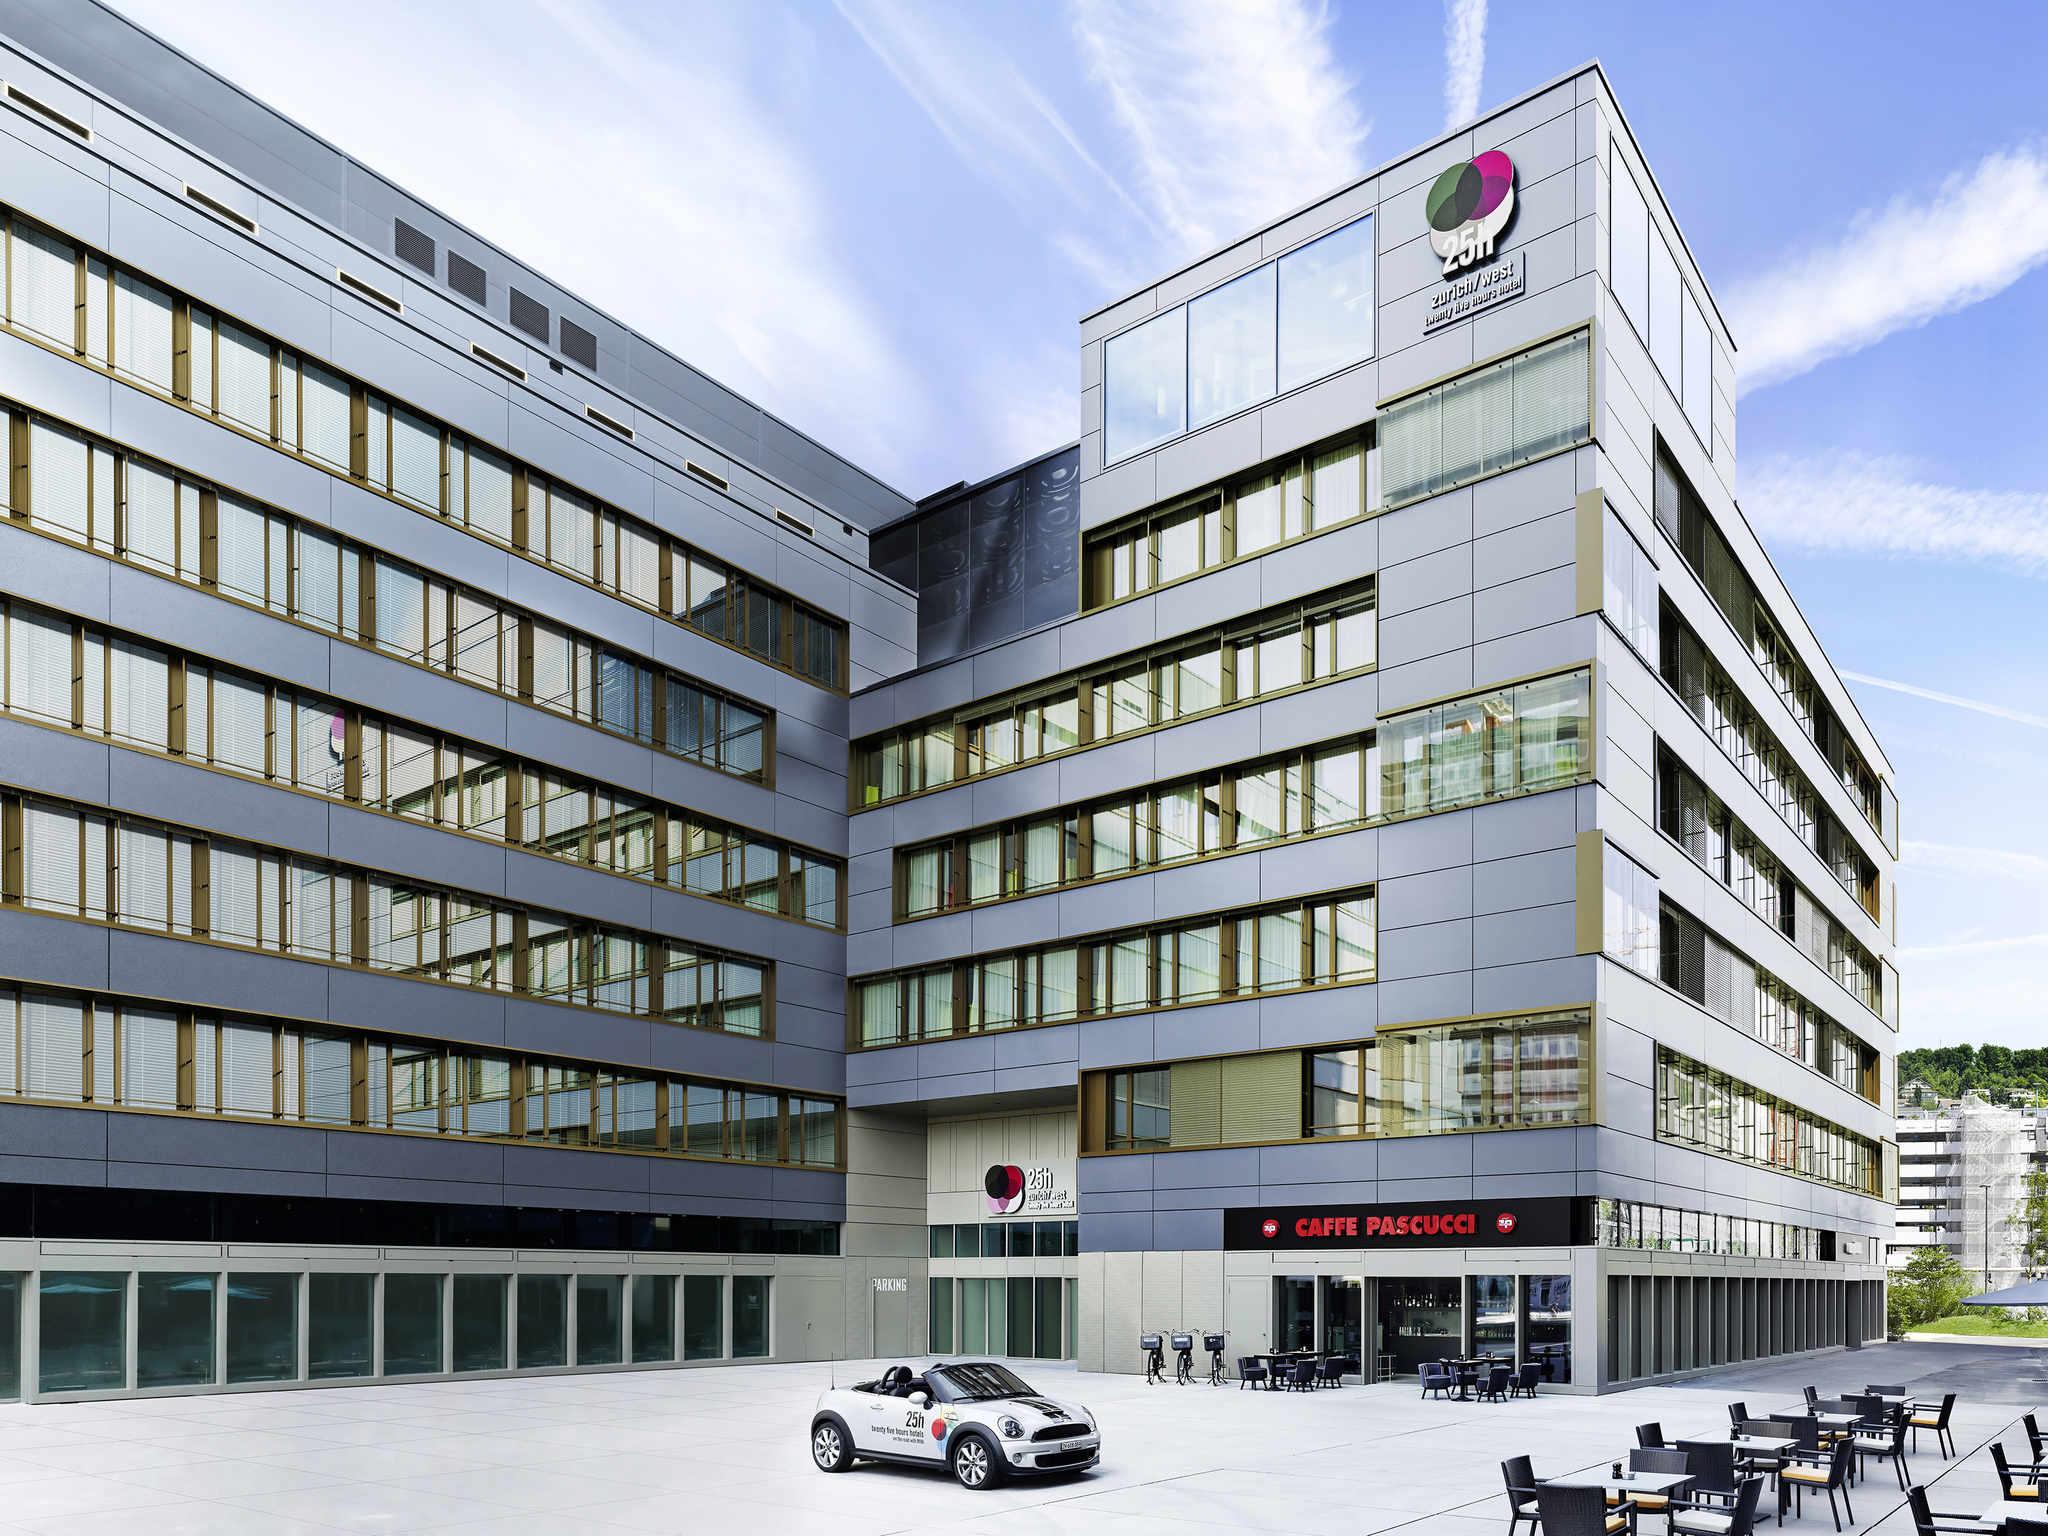 فندق - فندق 25 أورز هوتيل زيورخ ويست